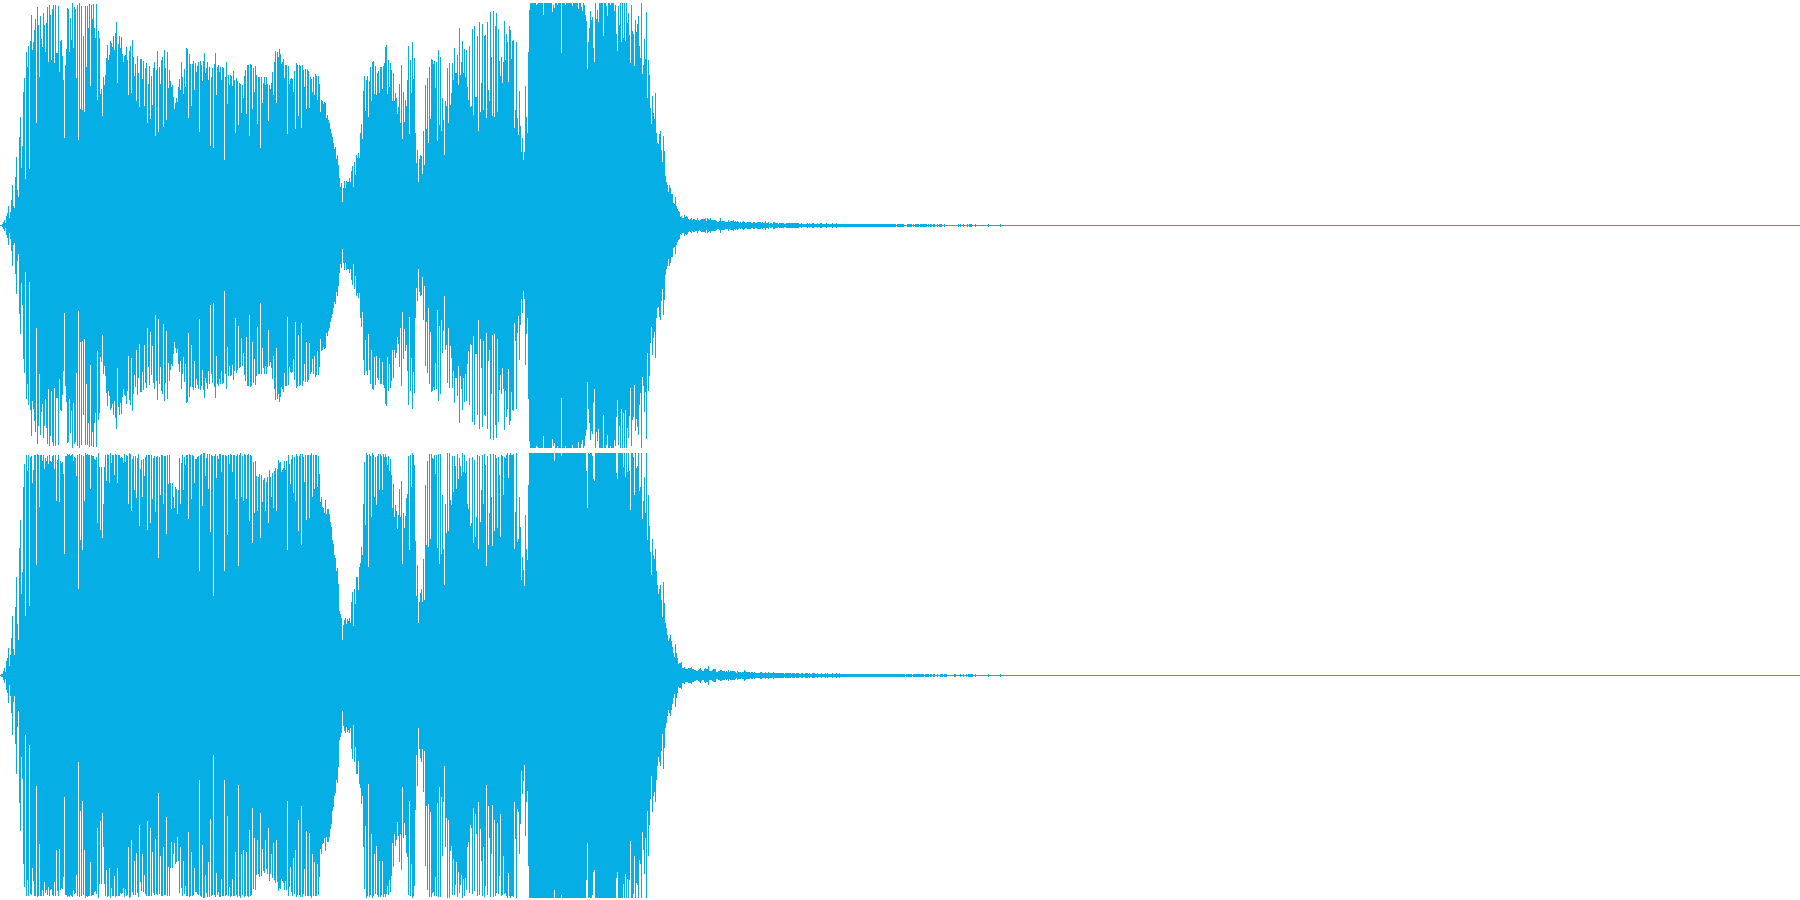 「マーベラス」アプリ・ゲーム用の再生済みの波形